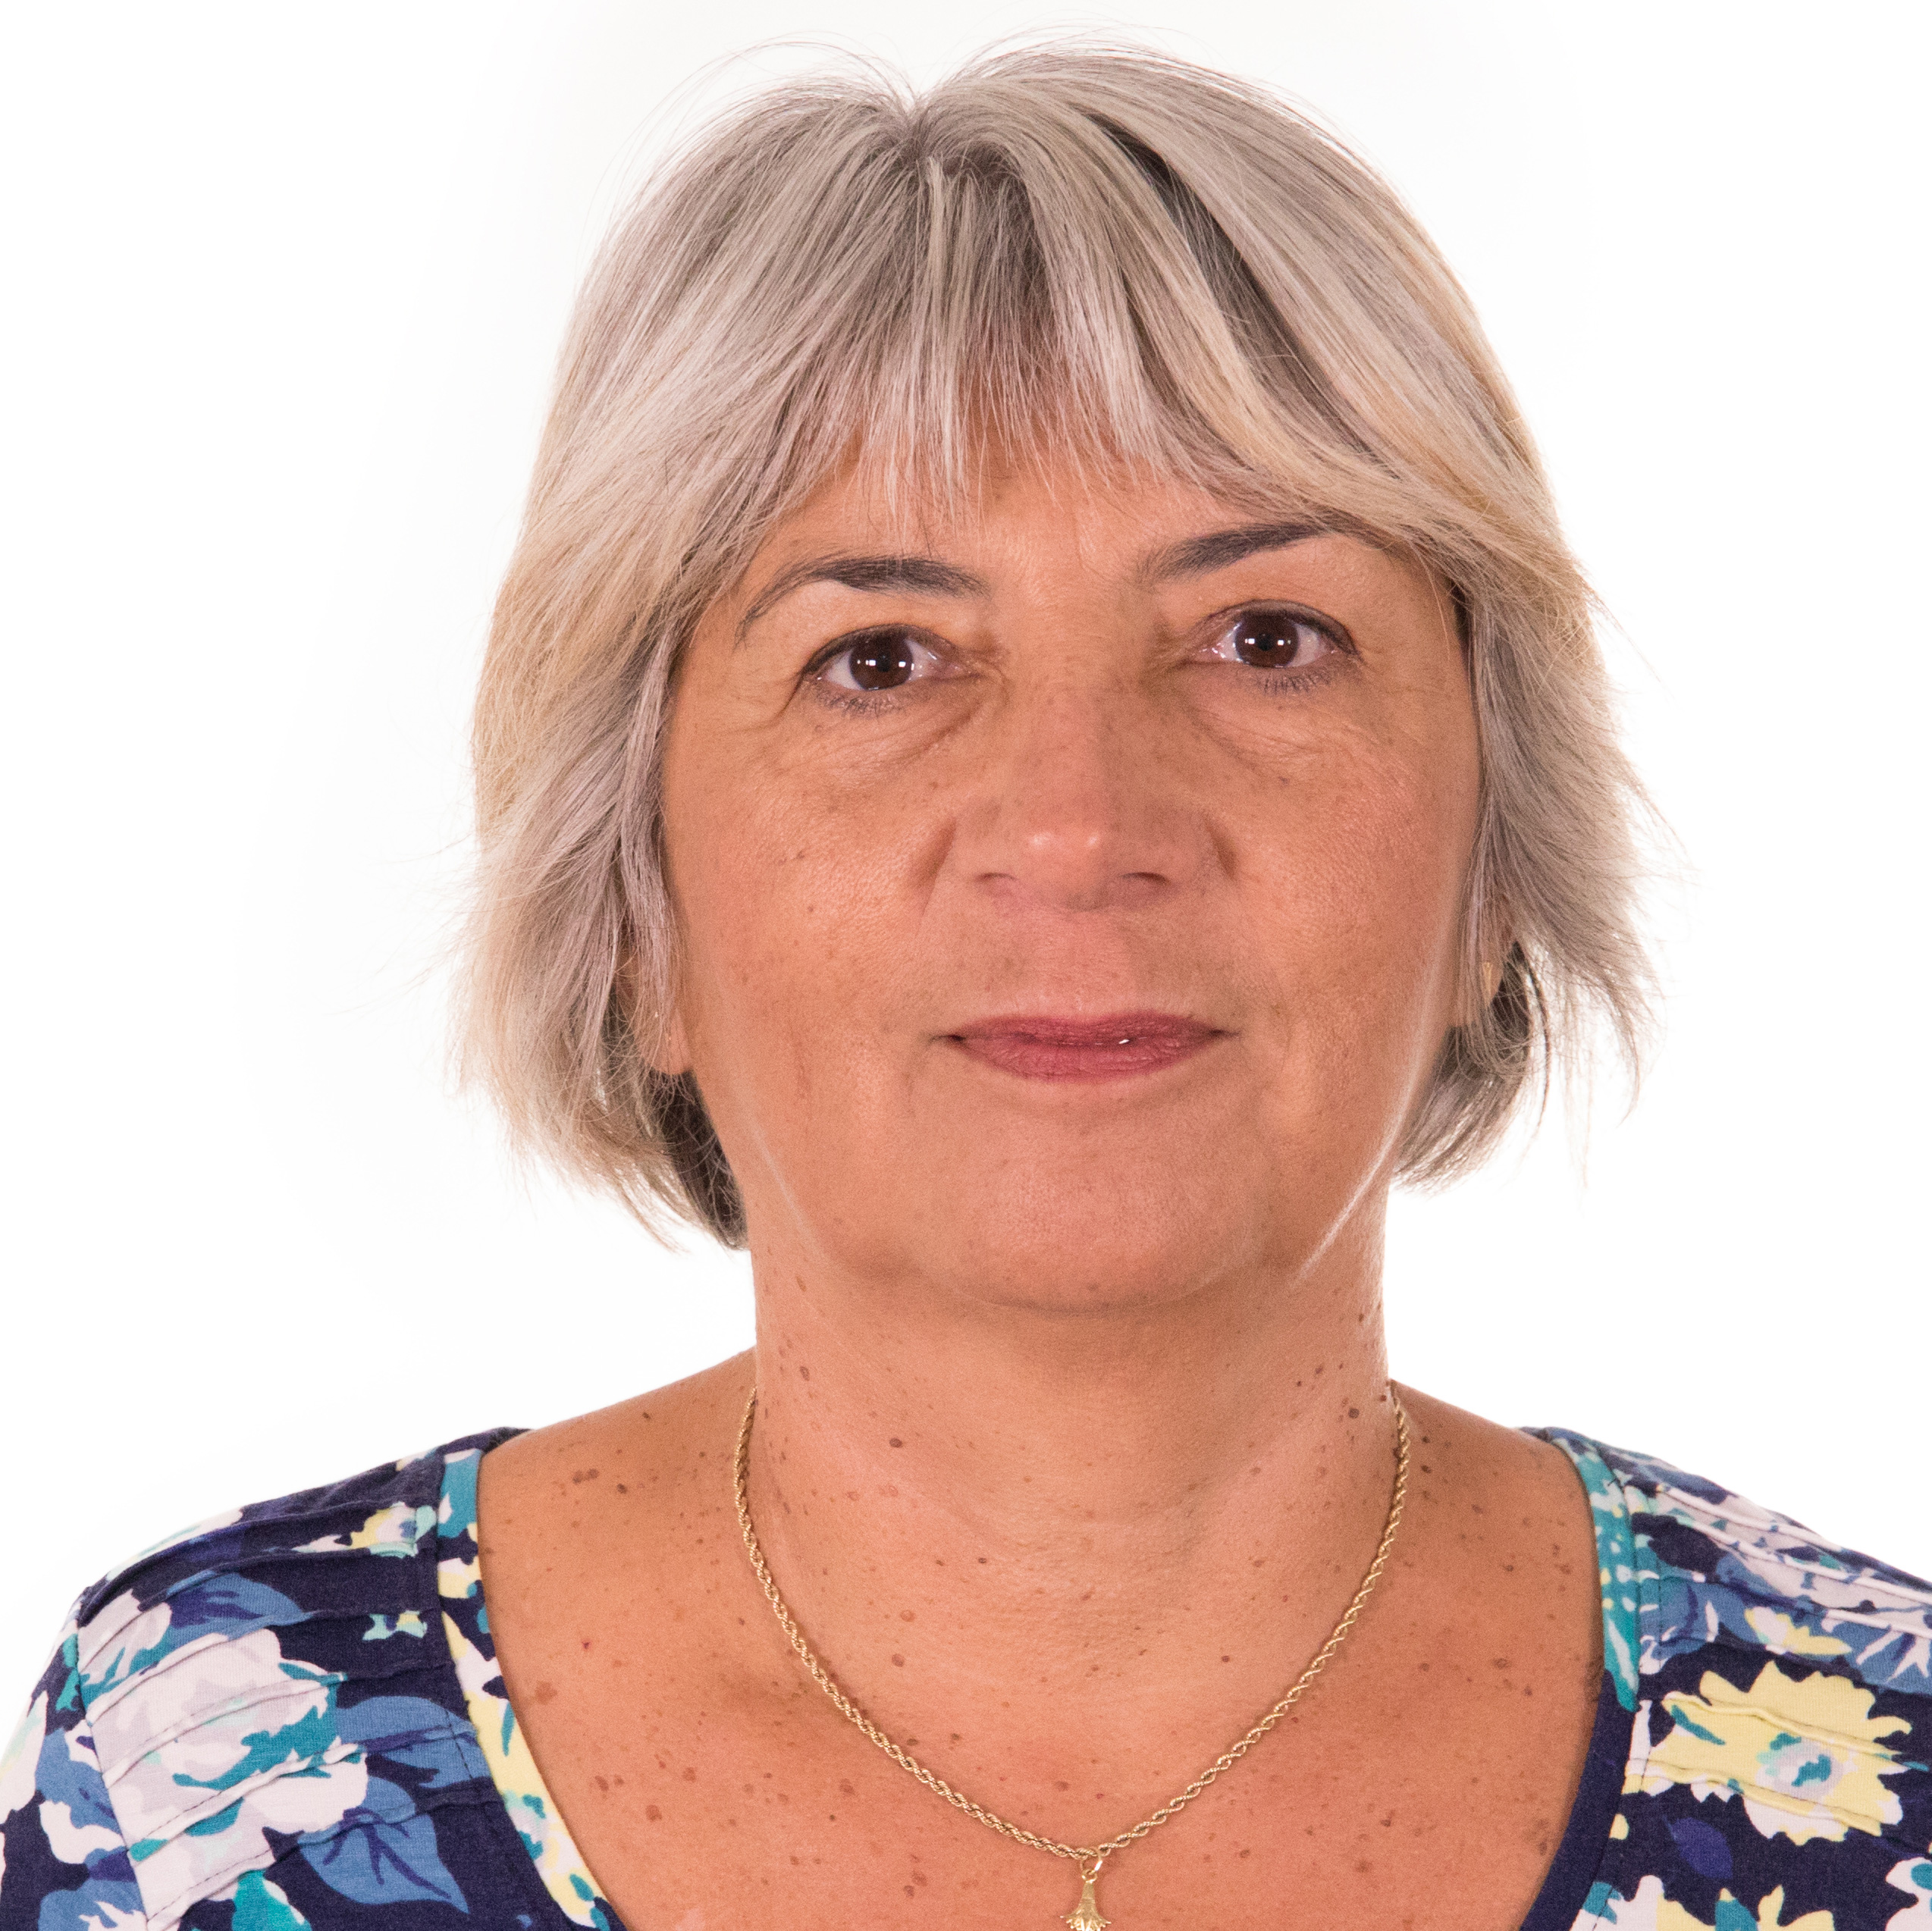 Milica Bulajic